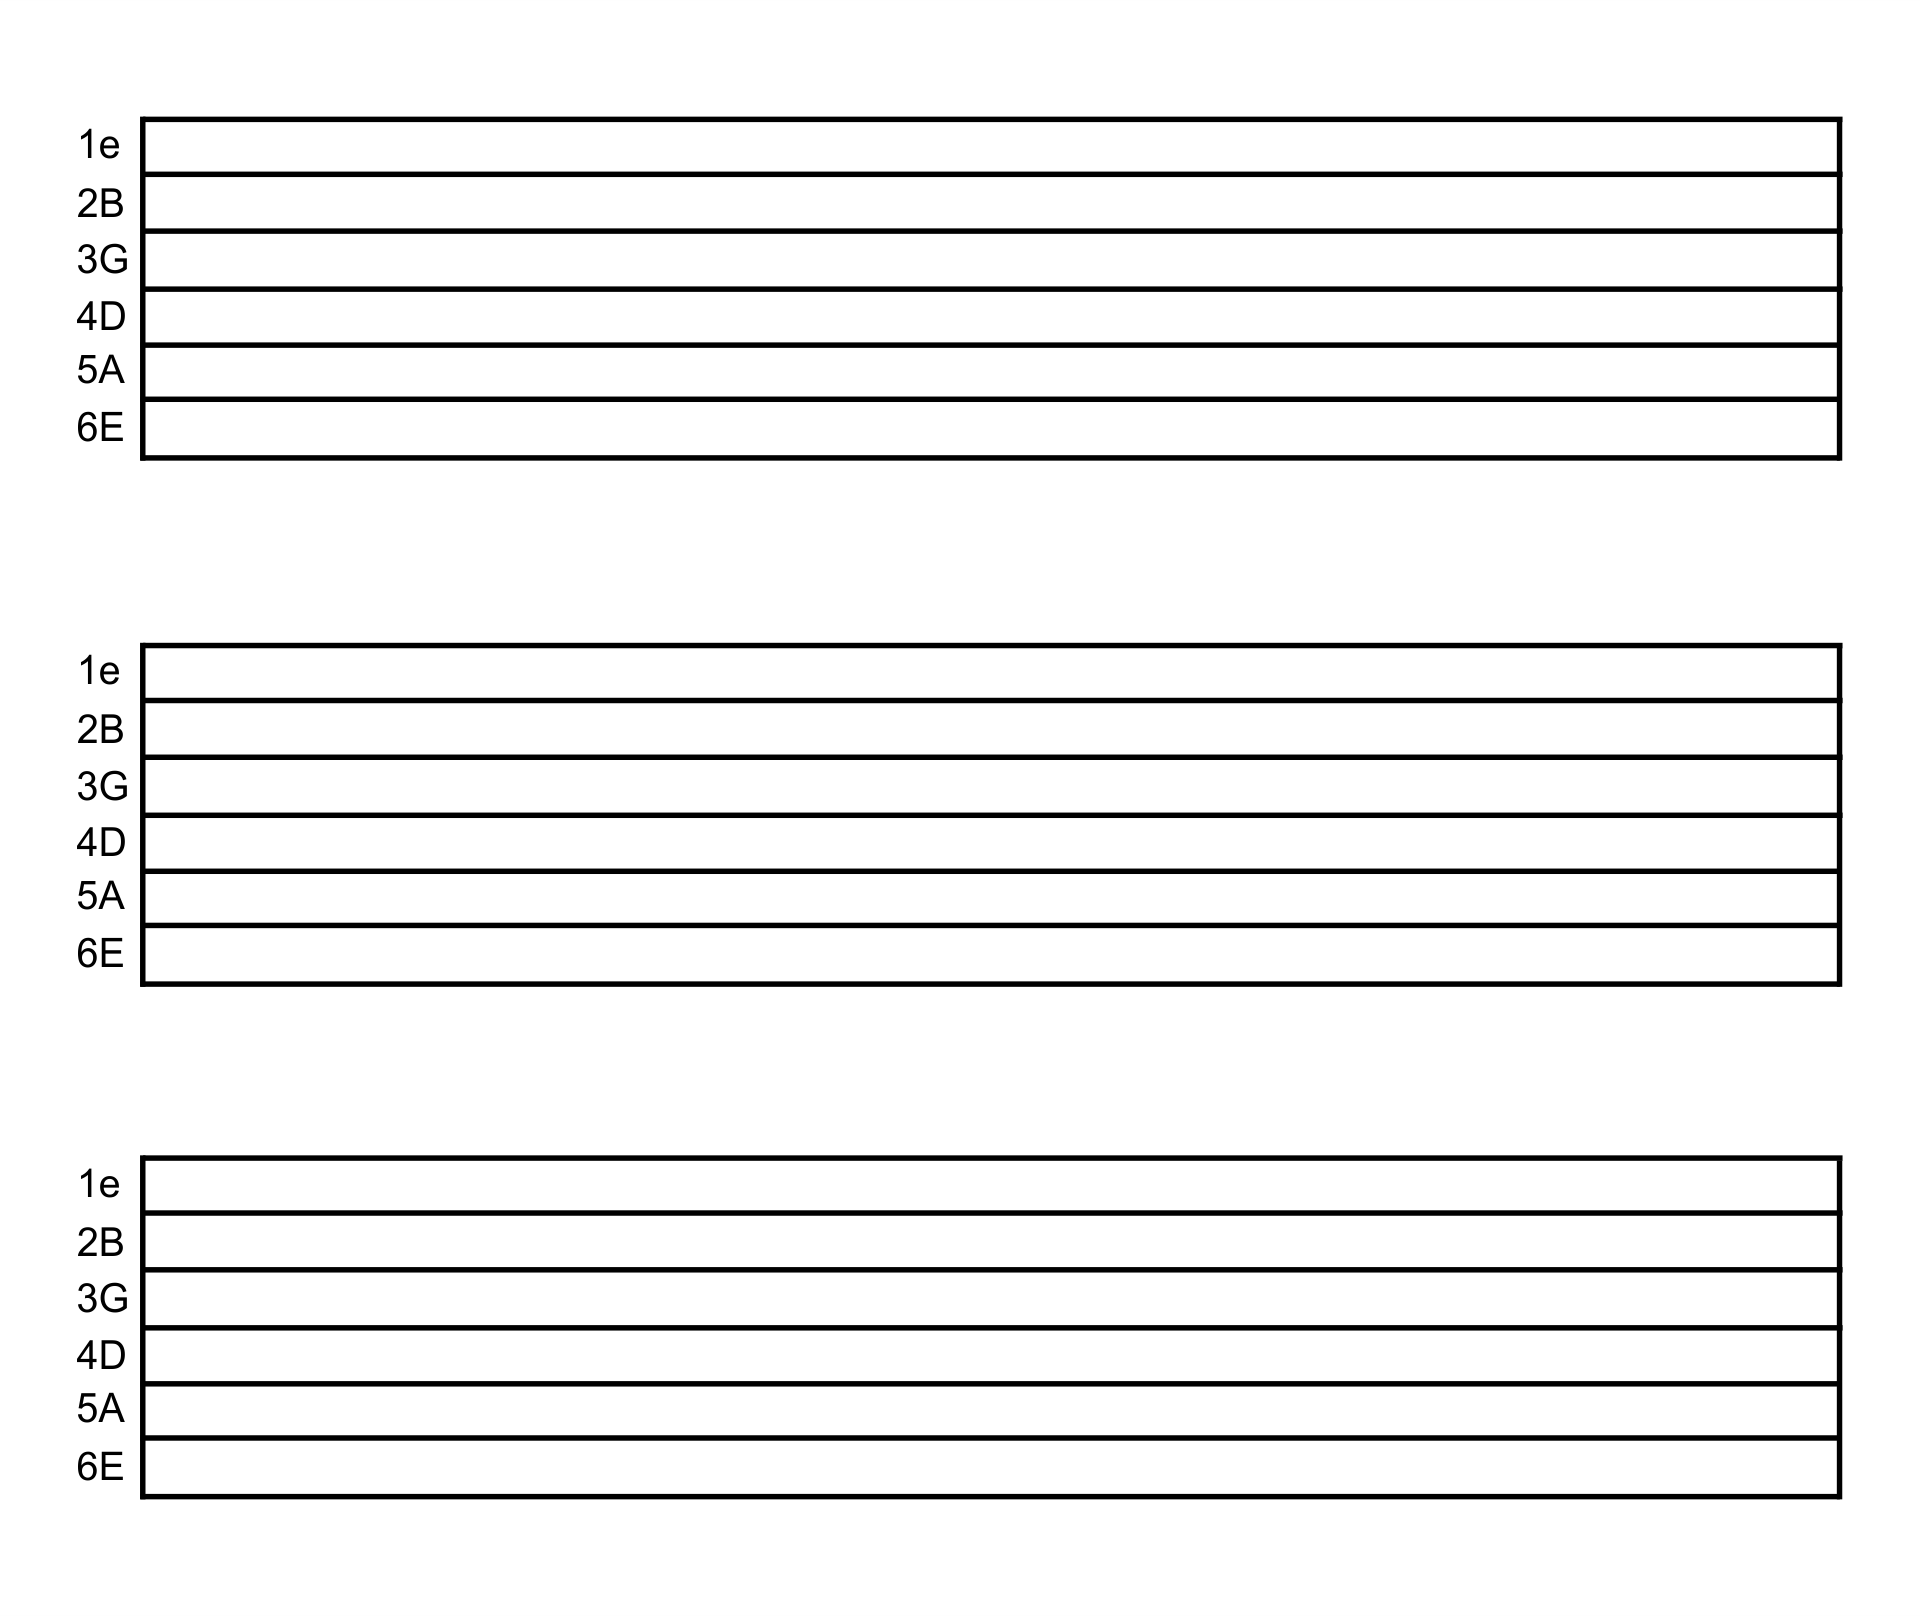 D sus4 guitar chord